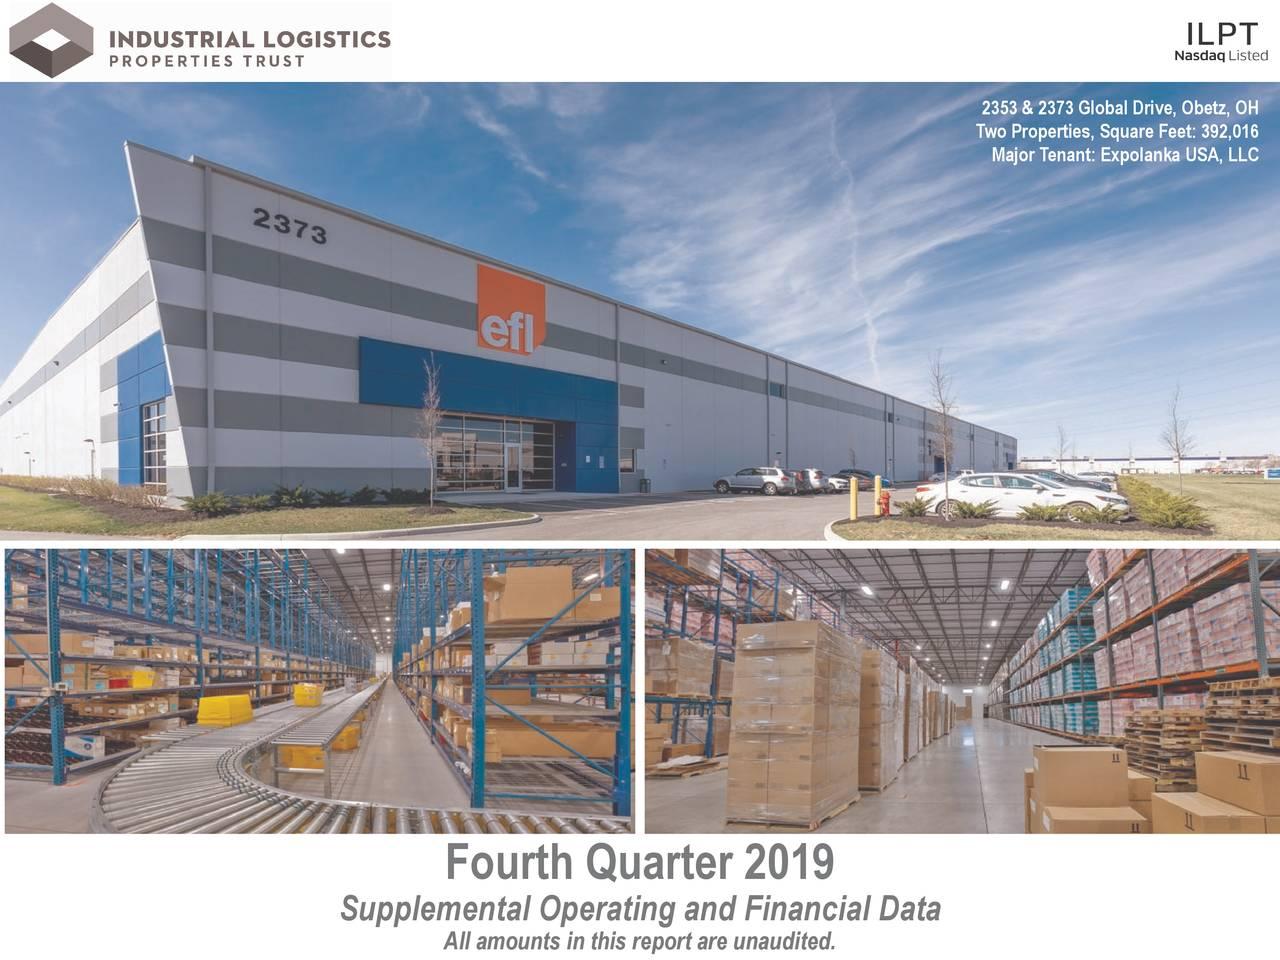 Industrial Logistics Properties Trust 2019 Q4 - Results - Earnings Call Presentation - Industrial Logistics Properties Trust (NASDAQ:ILPT) | Seeking Alpha